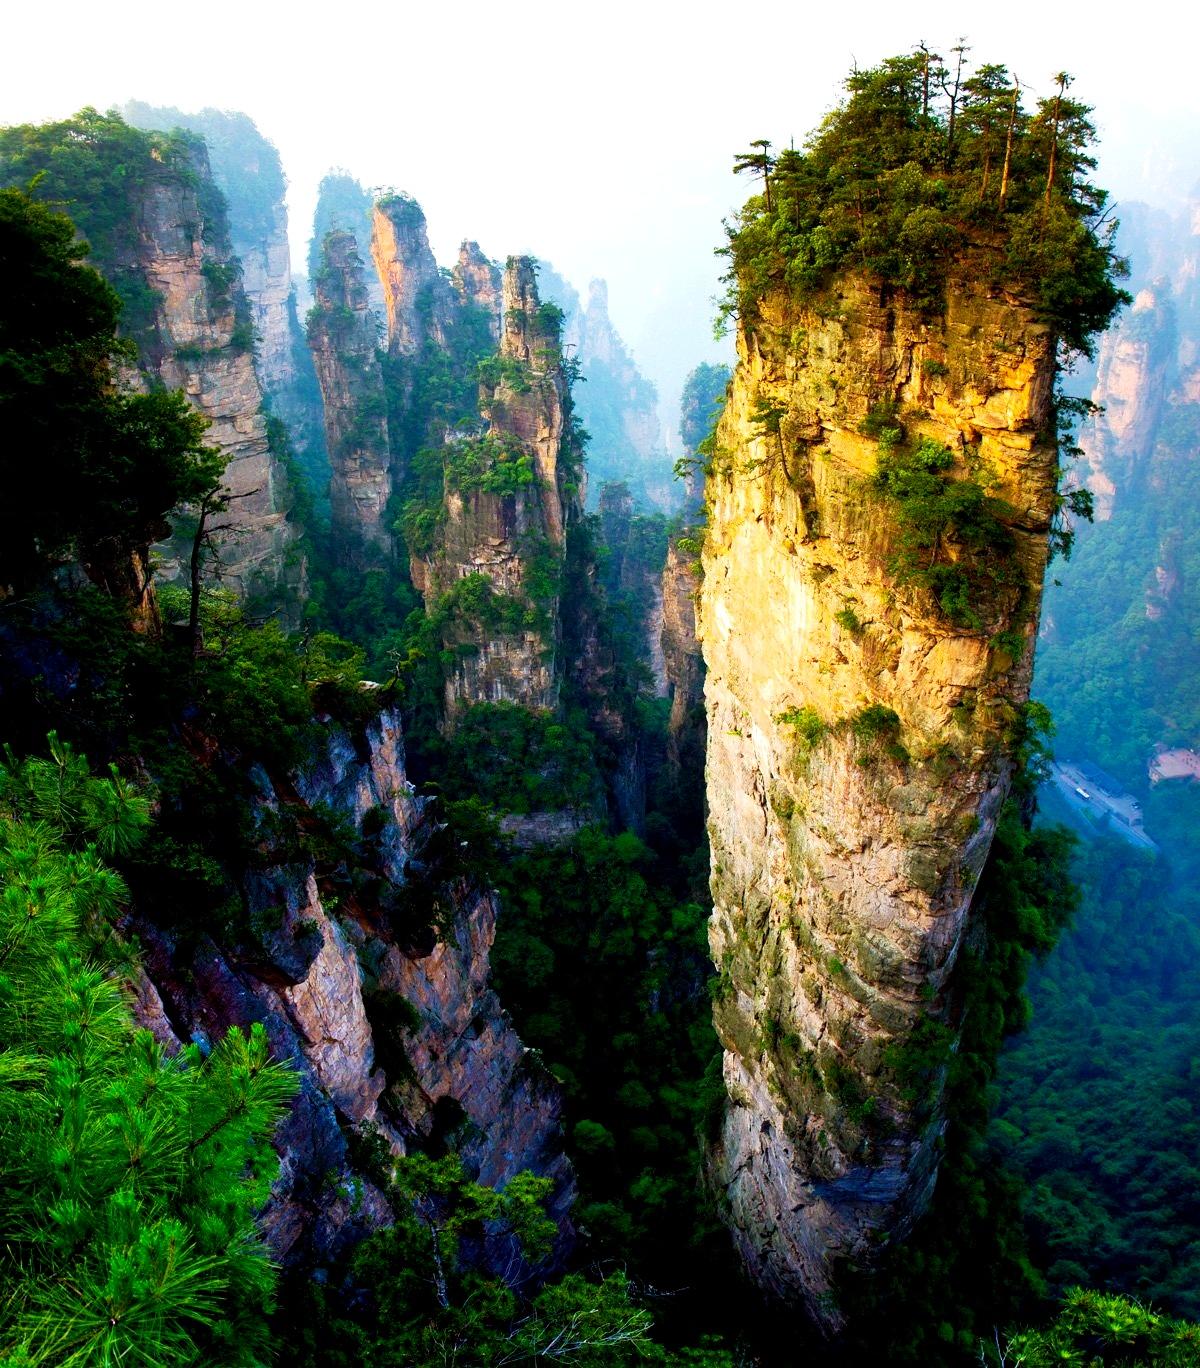 гигантская гора чжанцзяцзе